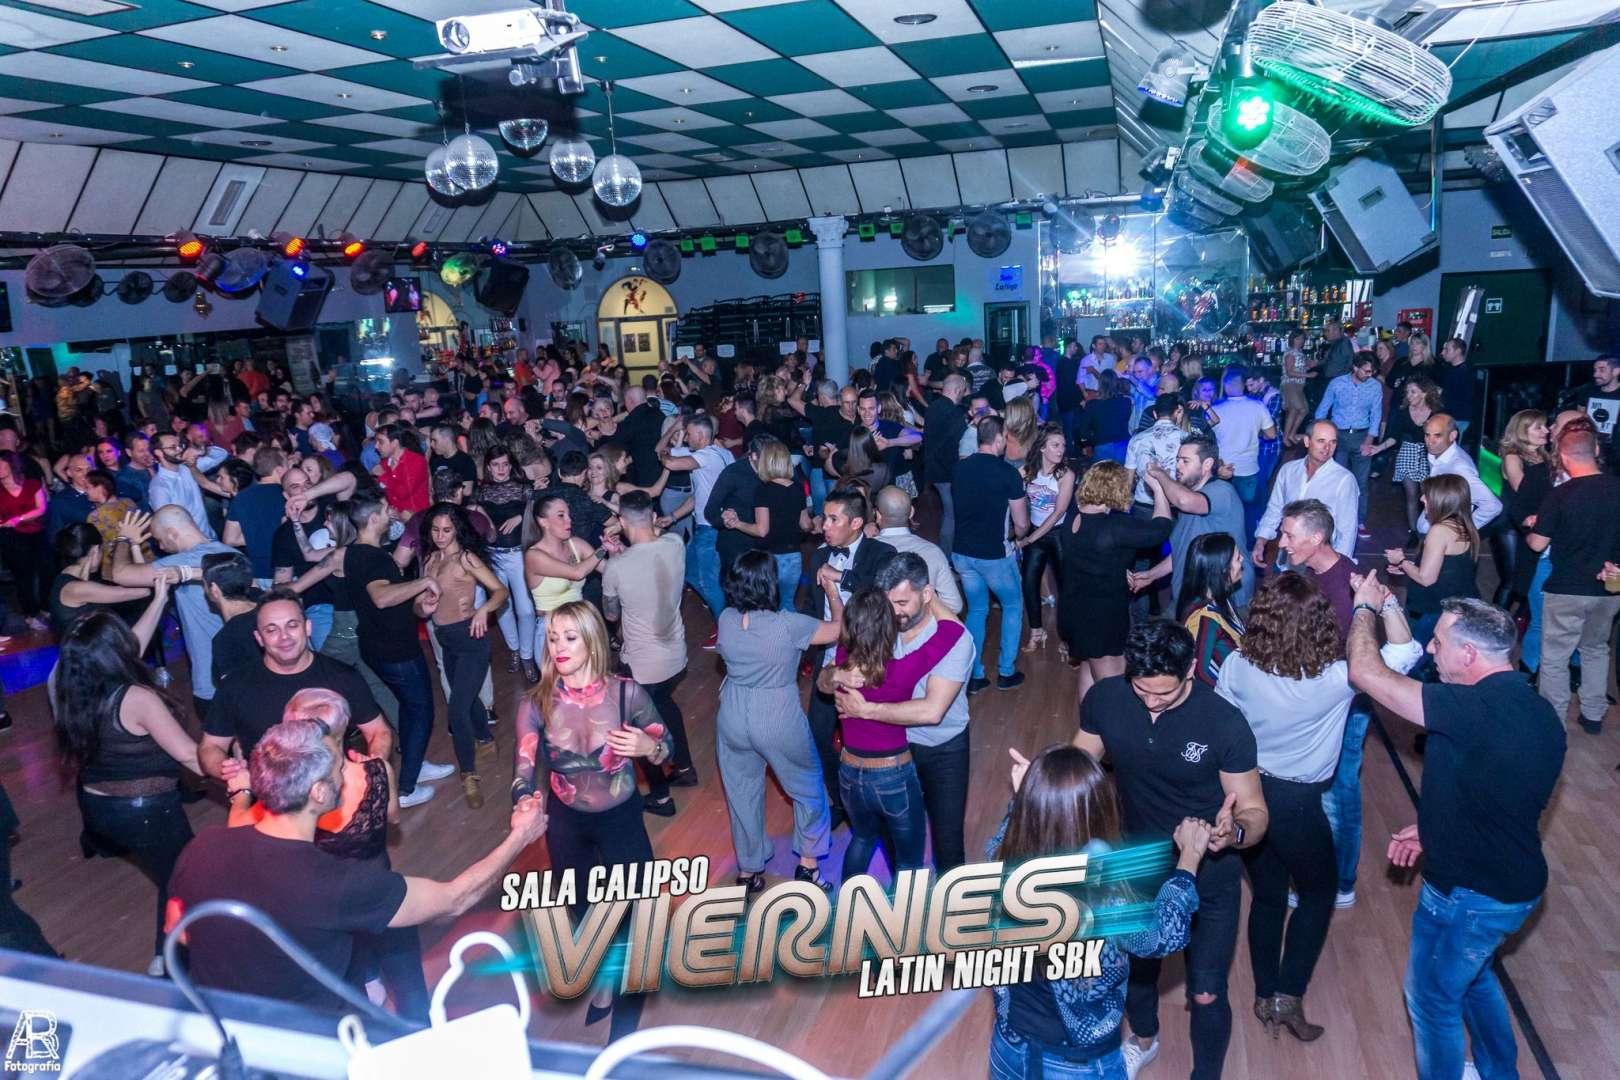 V6Mar2020 Sesión Latin Night SBK